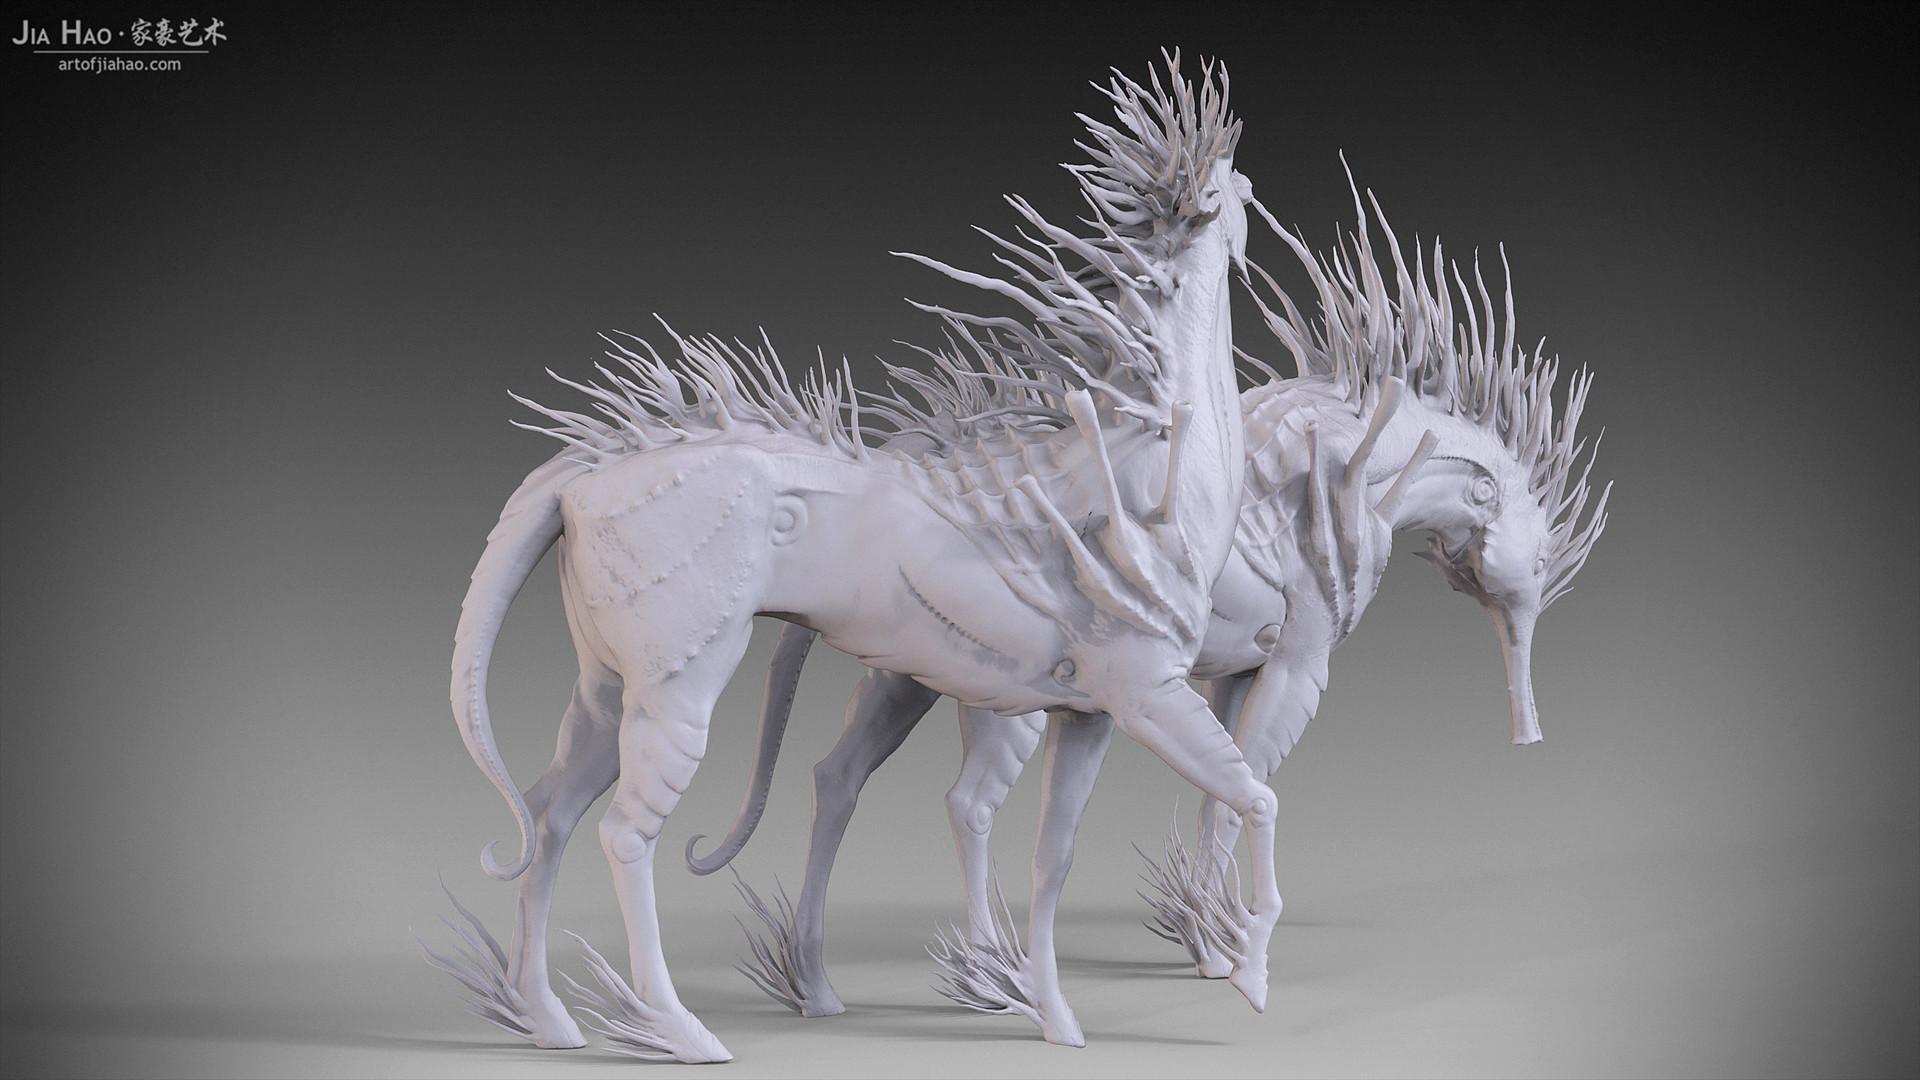 Jia hao 2017 alassya digalsculpting 05